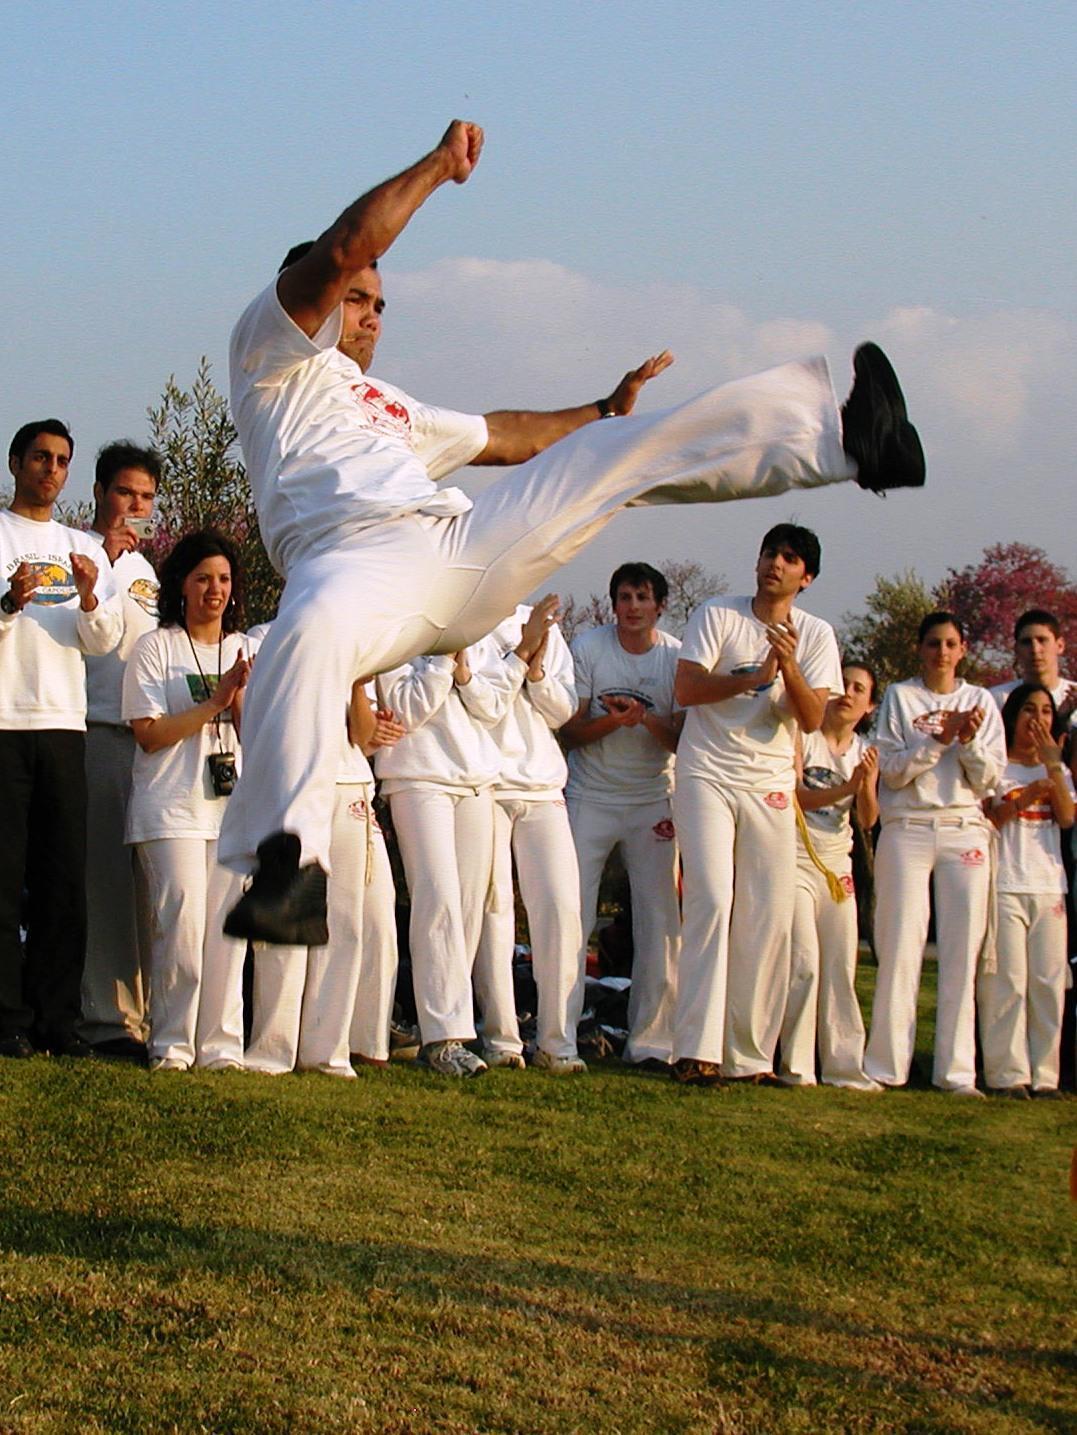 Capoeiragruppe